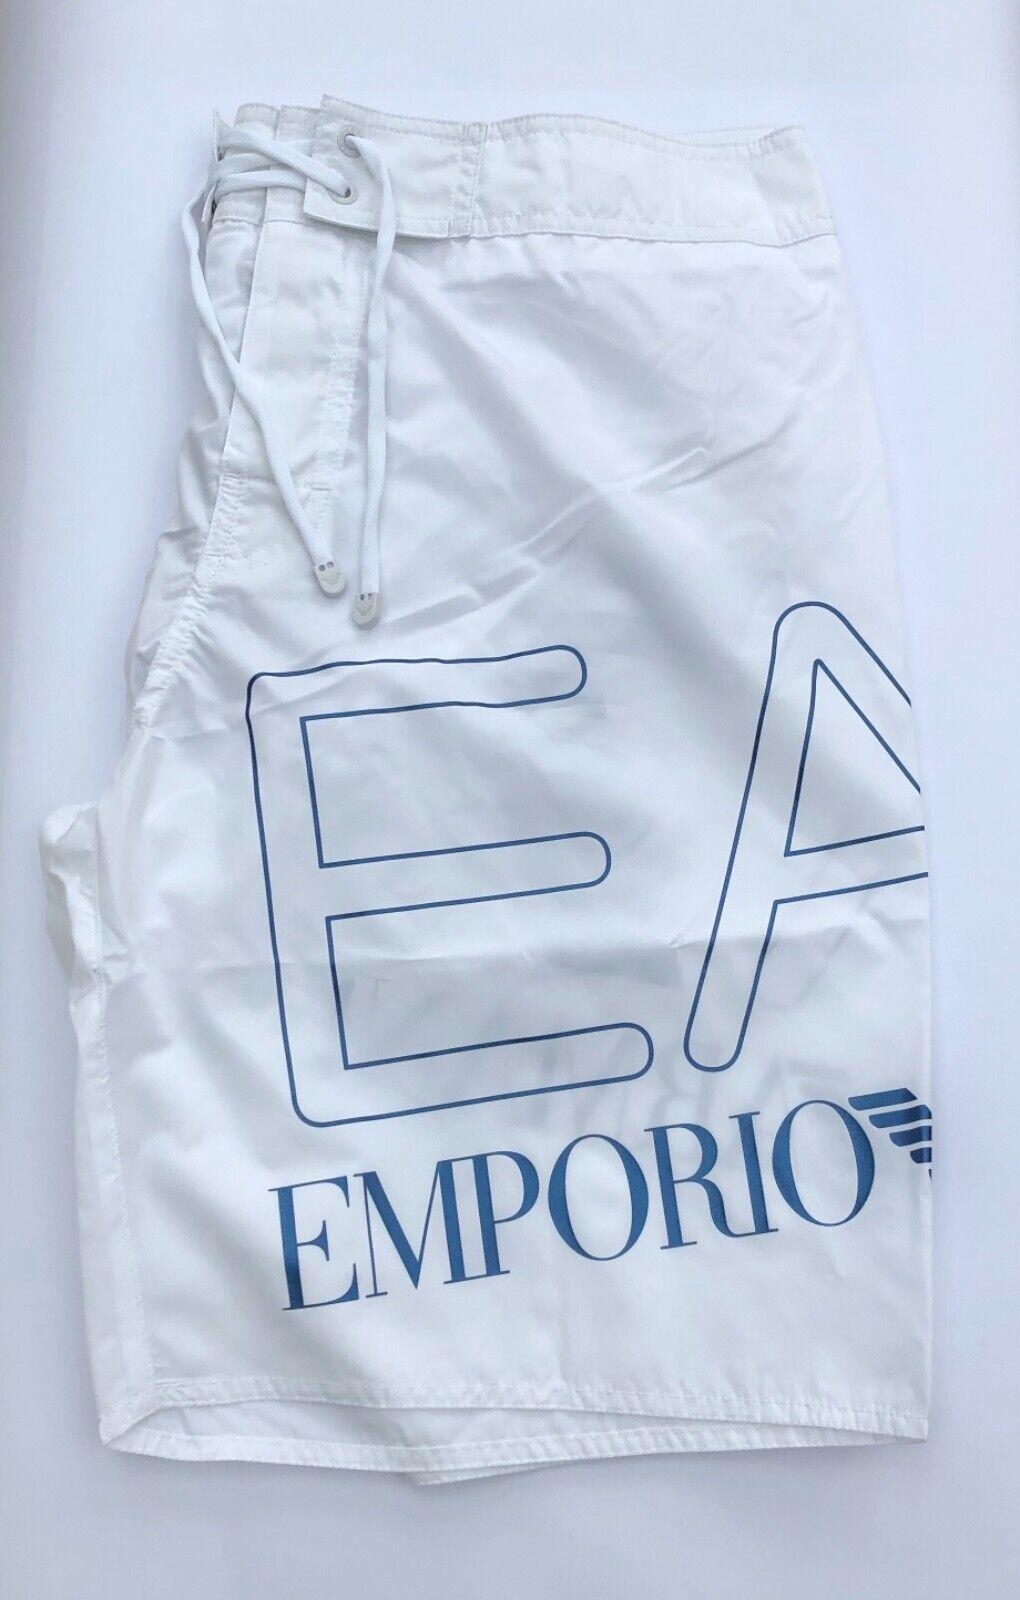 EMPORIO ARMANI EA7 White 100% Polyester Large Logo Beach Shorts Sizes S-XXL BNWT